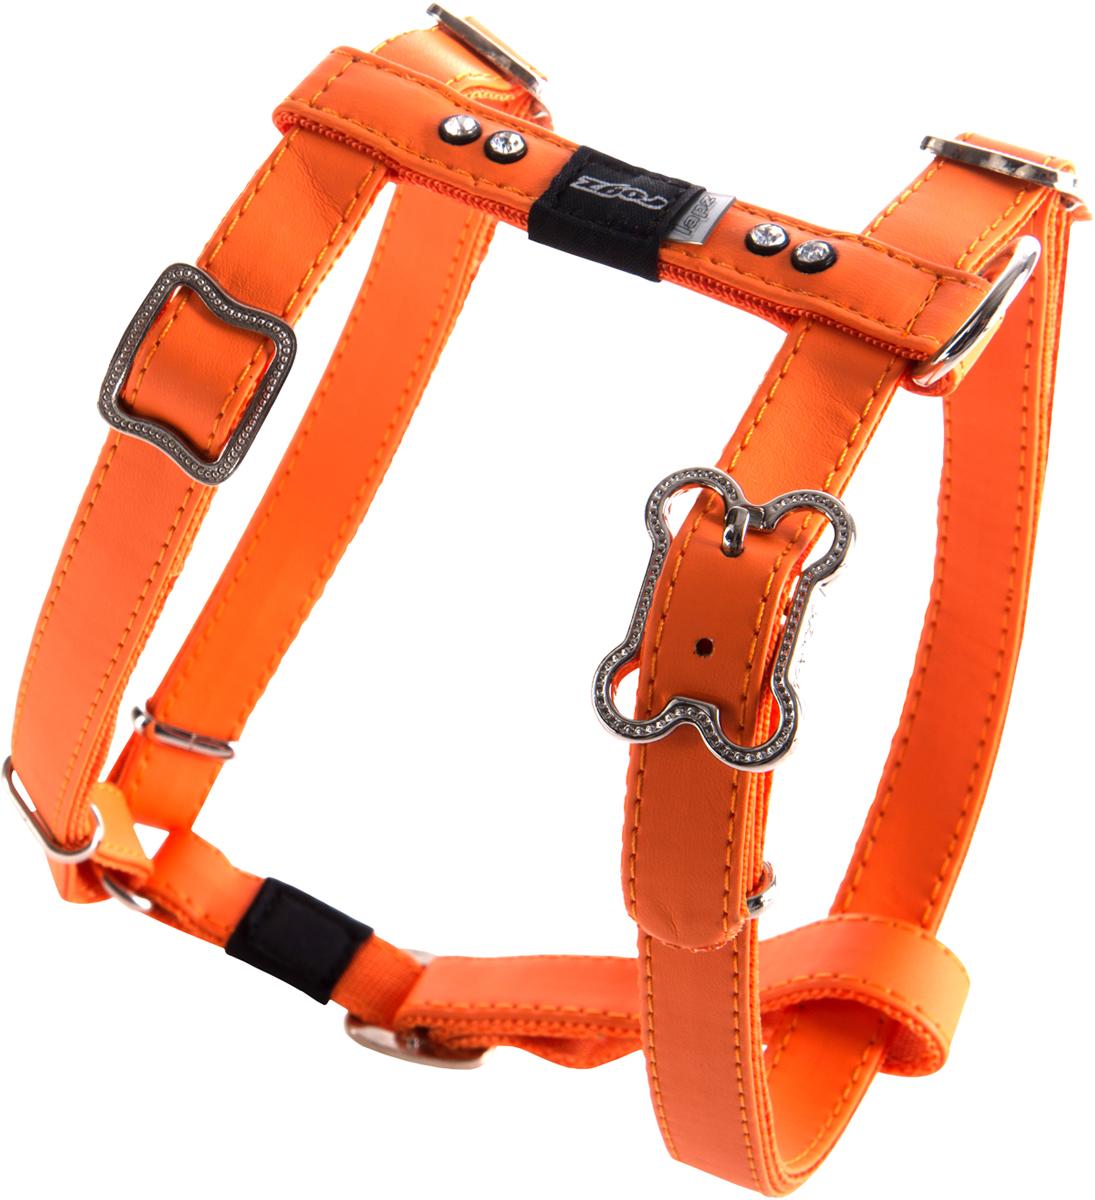 Шлейка для собак Rogz Luna, цвет: оранжевый, ширина 1,6 см. Размер MSJ503DШлейка для собак Rogz Luna обладает нежнейшей мягкостью и гибкостью.Авторский дизайн, яркие цвета, изысканные декоративные элементы со стразами.Шлейка подчеркнет индивидуальность вашей собаки.